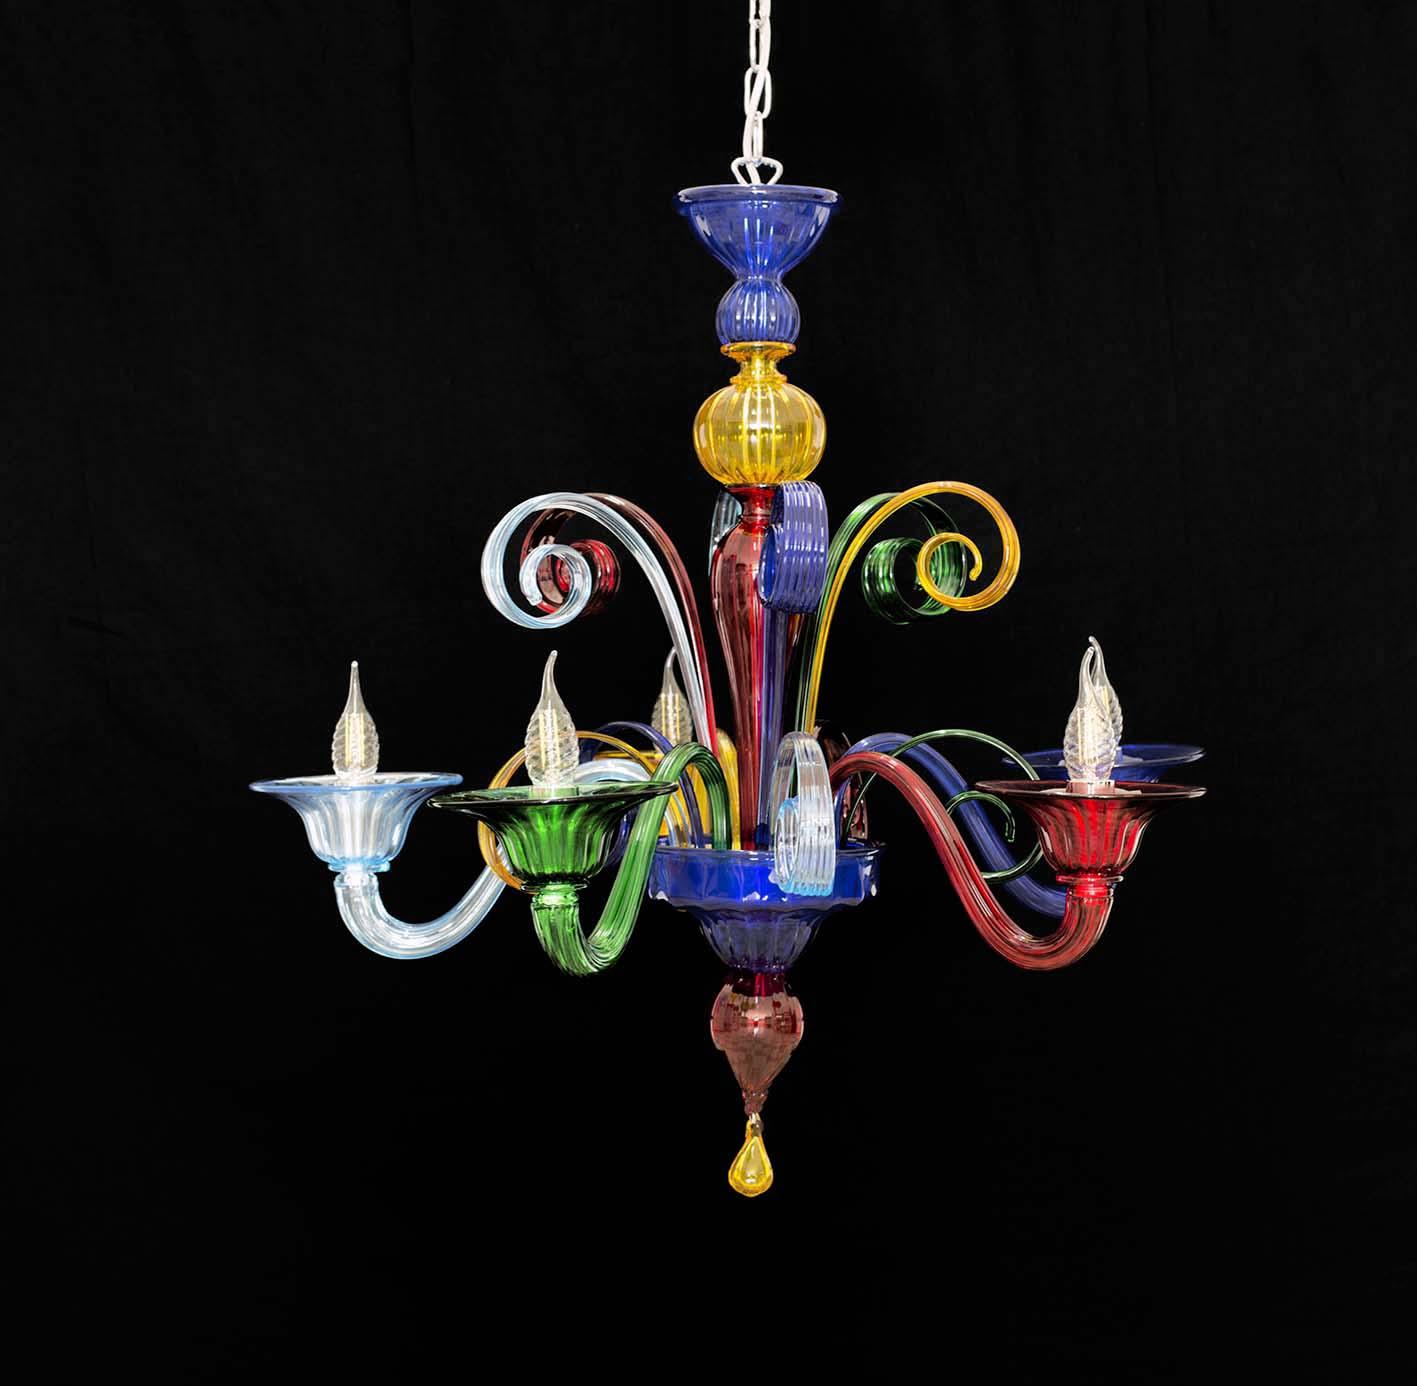 Nel nostro negozio online puoi trovare una vasta selezione di lampadari fatti a murano, appliques, lampade da tavolo. Nemo Lampadario Murano Cerchi Un Lampadario Moderno